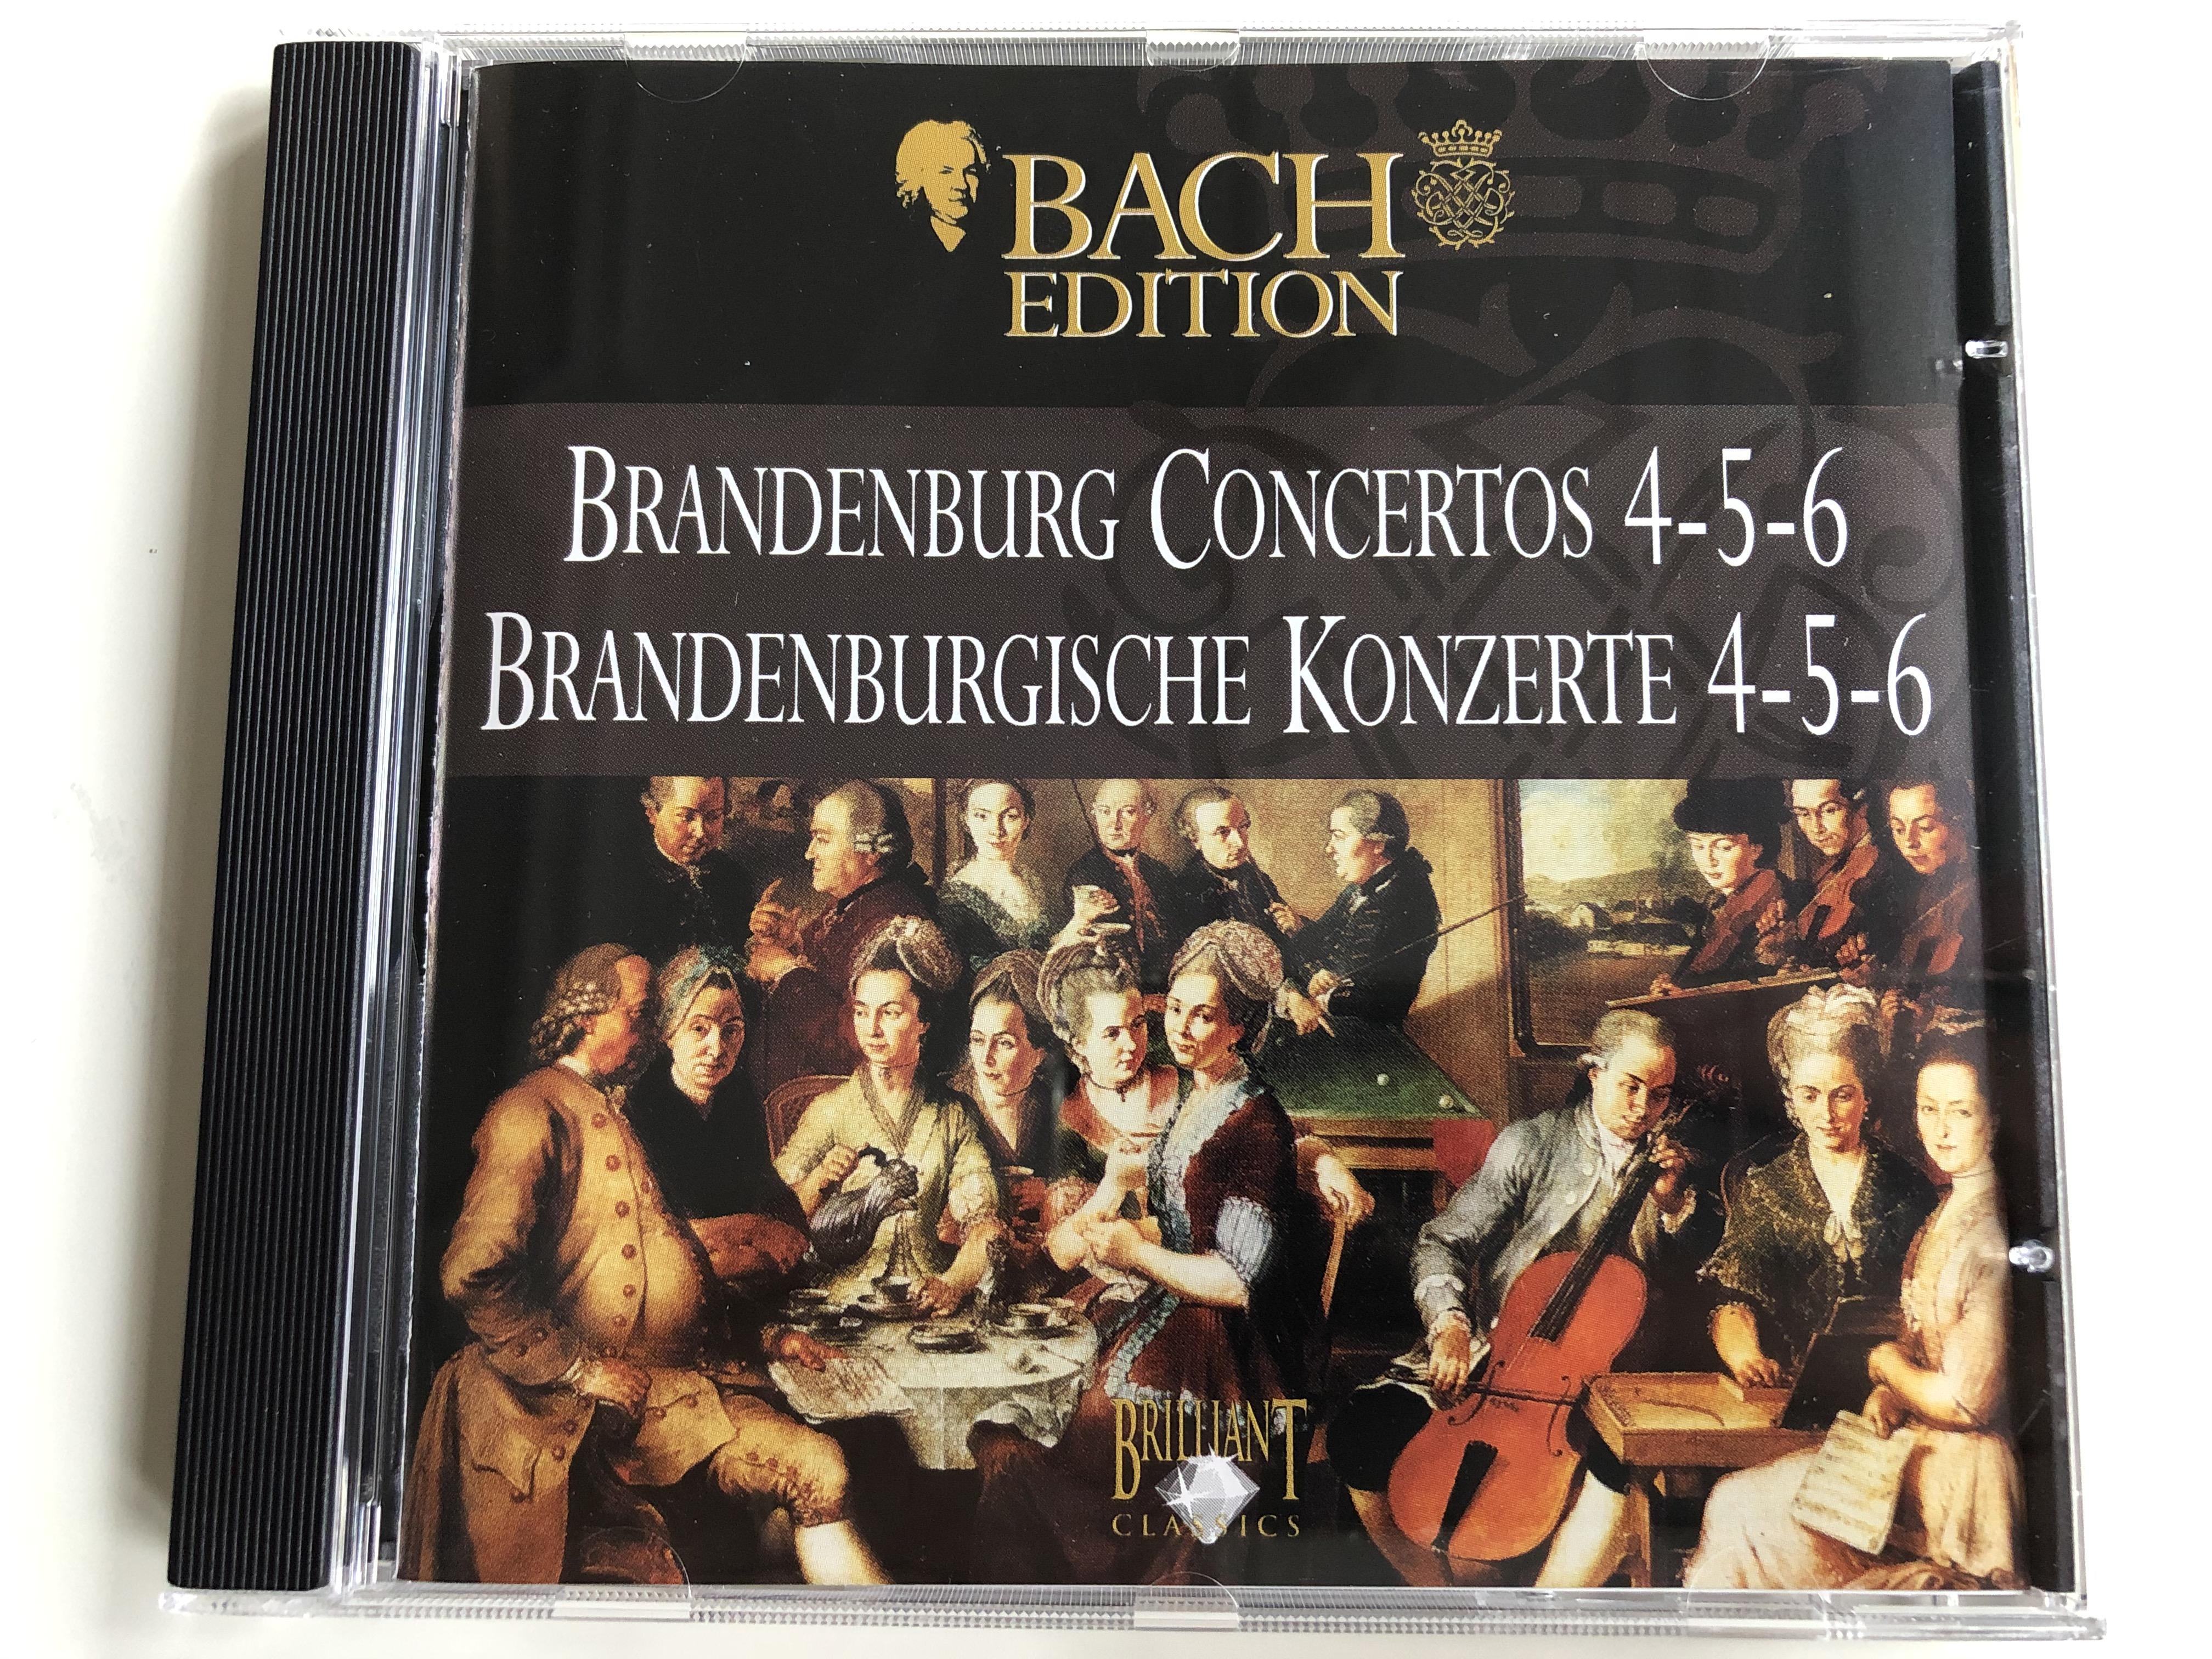 bach-edition-brandenburg-concertos-4-5-6-brandenburgische-konzerte-4-5-6-brilliant-classics-audio-cd-993602-1-.jpg